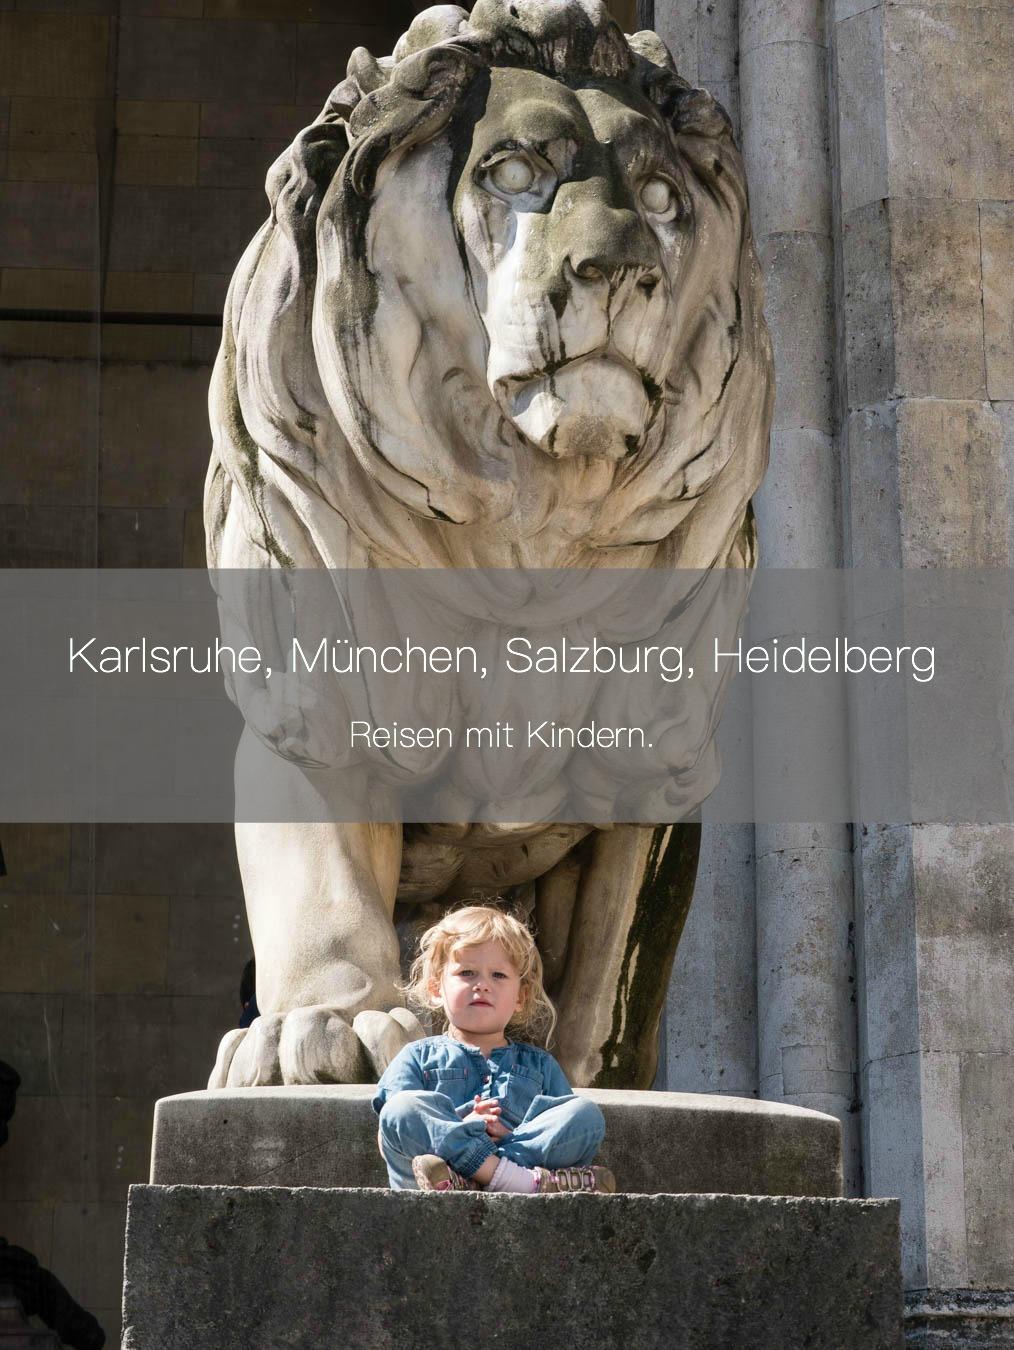 Reisen | Unterwegs mit der Familie. Karlsruhe, München, Salzburg & Heidelberg.